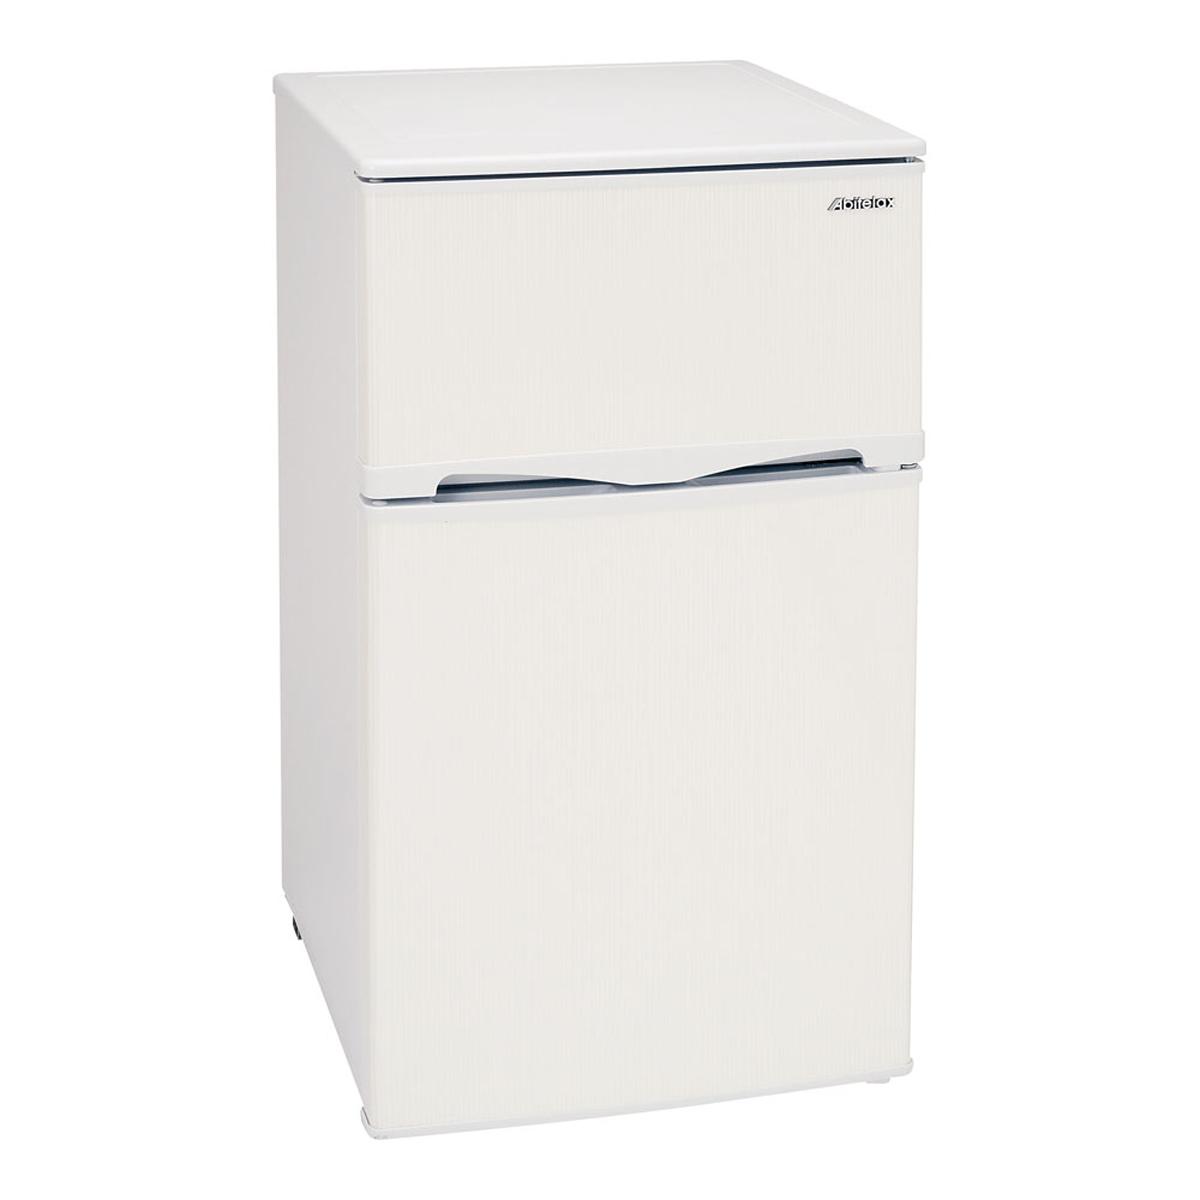 アビテラックス 2ドア直冷式冷凍冷蔵庫 AR-100E [運賃別途お見積り] [メーカー直送 代引き不可] 【厨房用品 厨房機器 設備 冷蔵庫 冷凍庫 業務用 販売 通販】 [7-0685-0701 6-0648-0701 ]